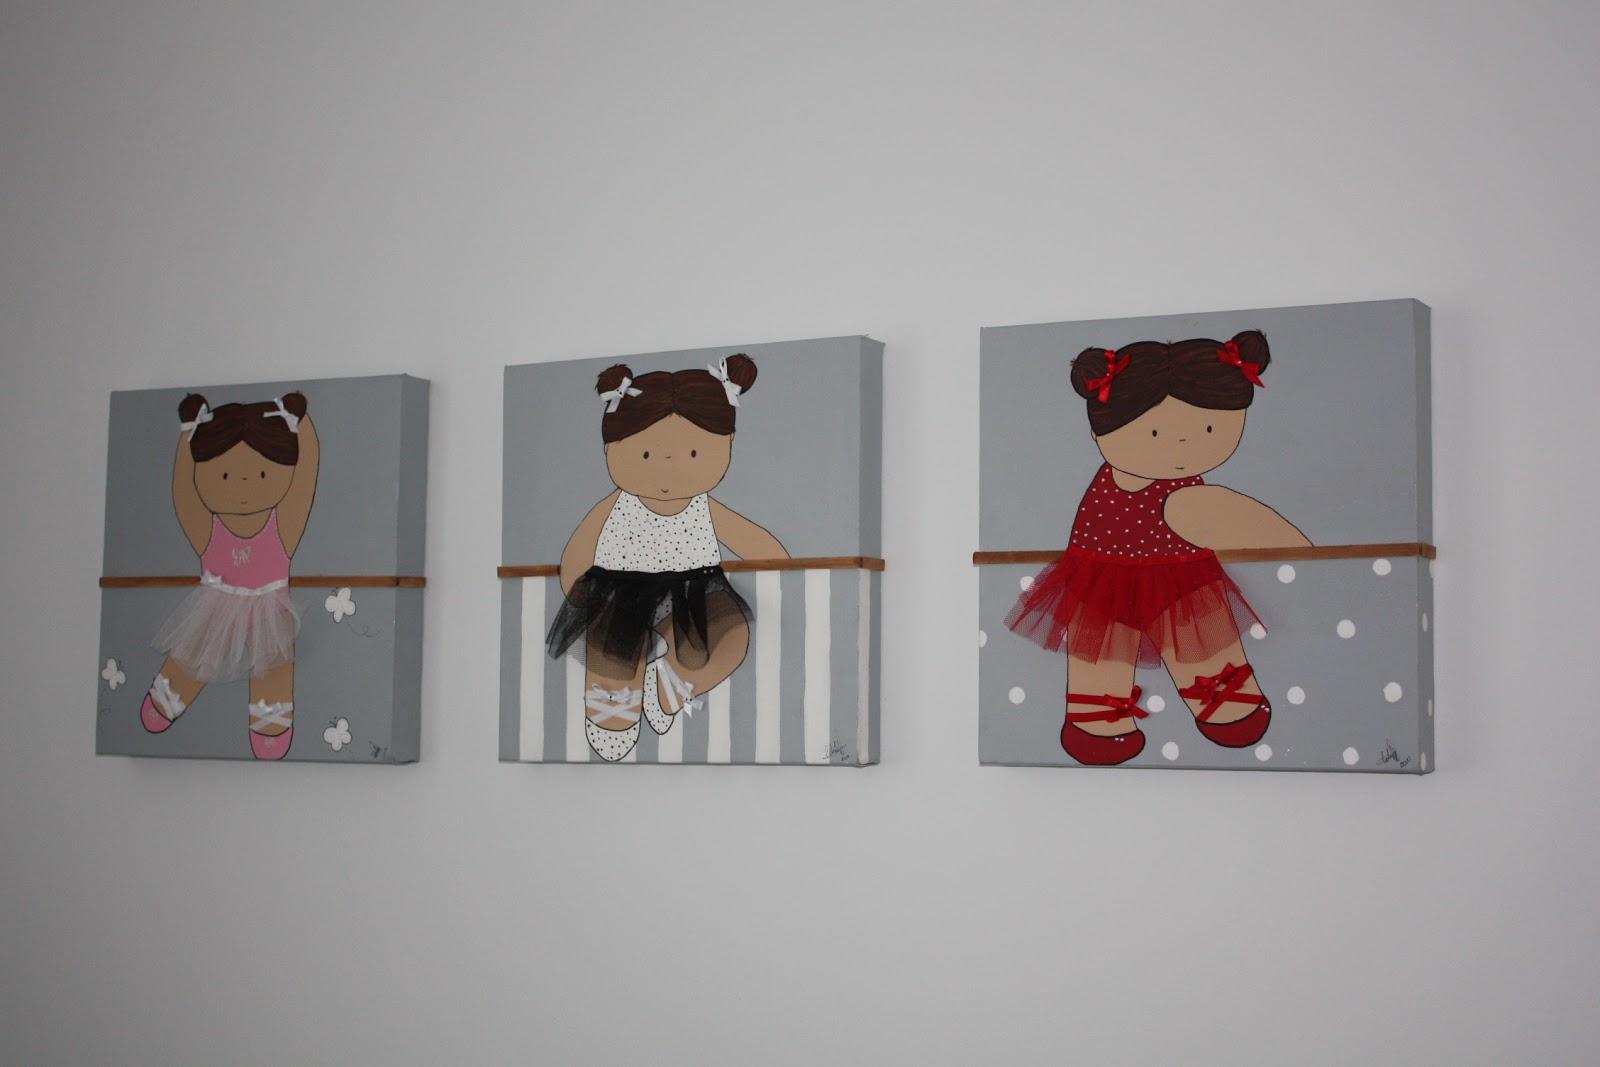 Blau regalos originales cuadros infantiles 2 - Cuadros habitaciones infantiles ...